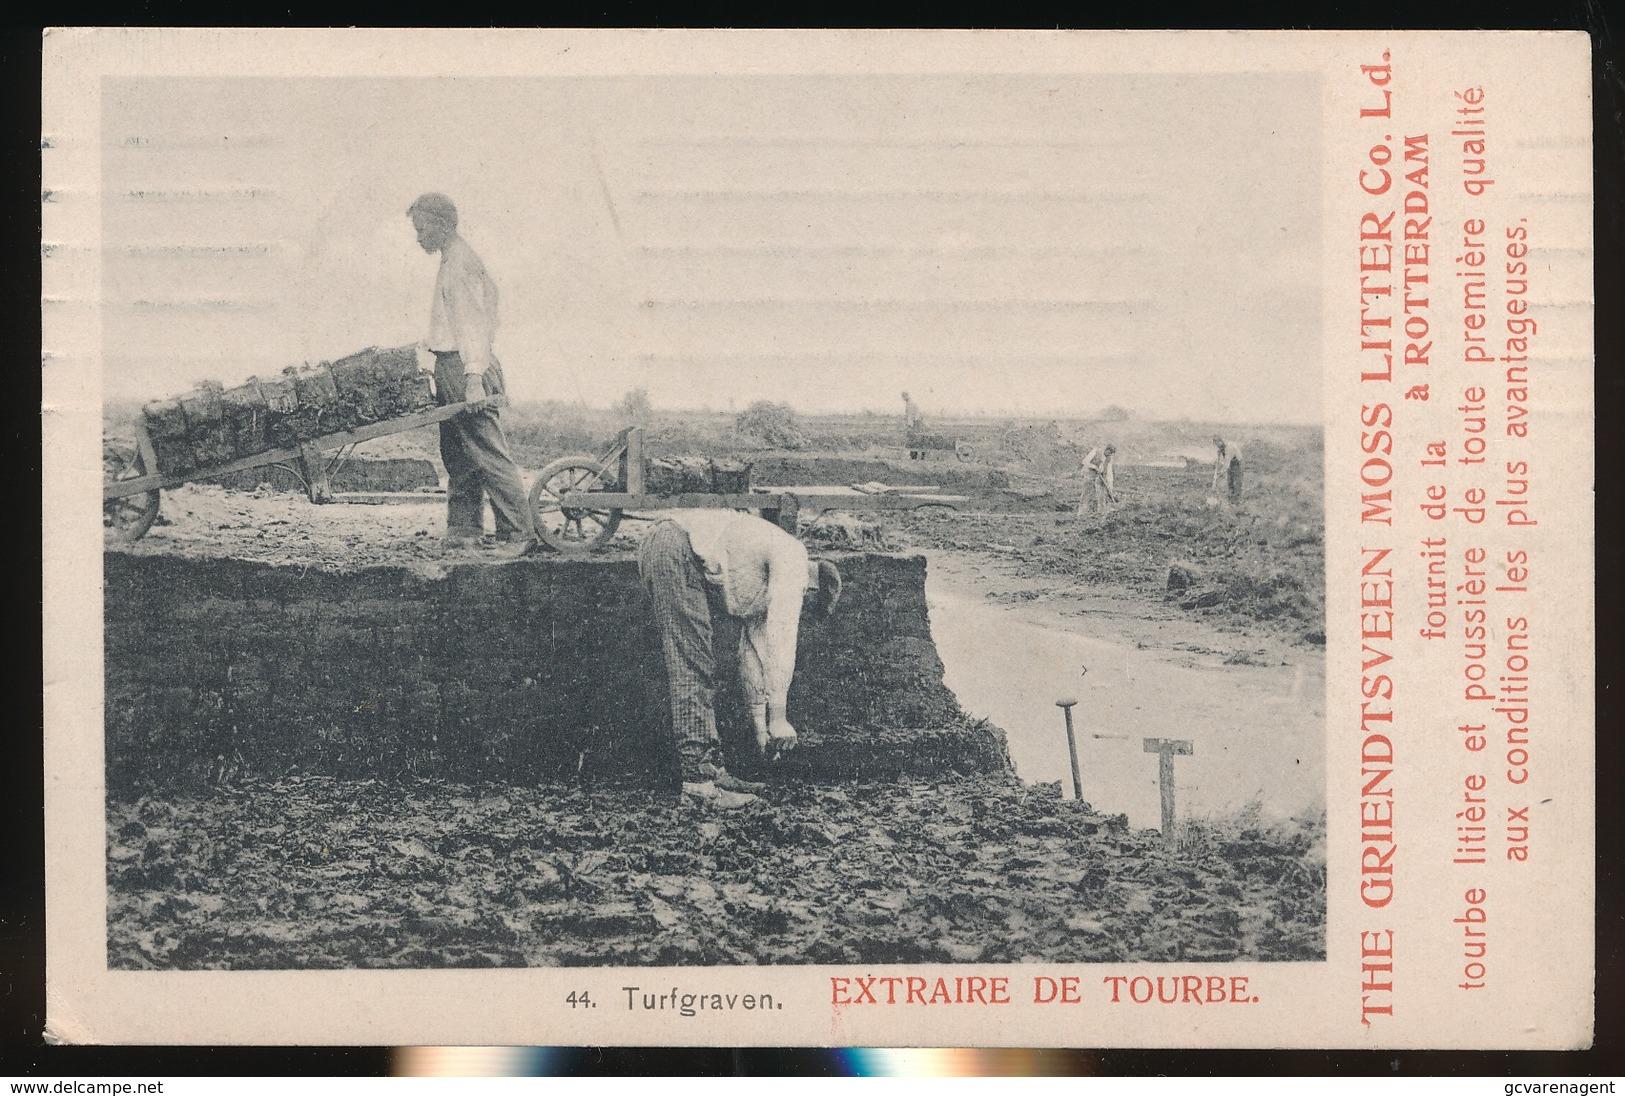 TURFGRAVEN - THE GRIENTSVEEN MOSS LITTER Co. LD. A ROTTERDAM - Horst